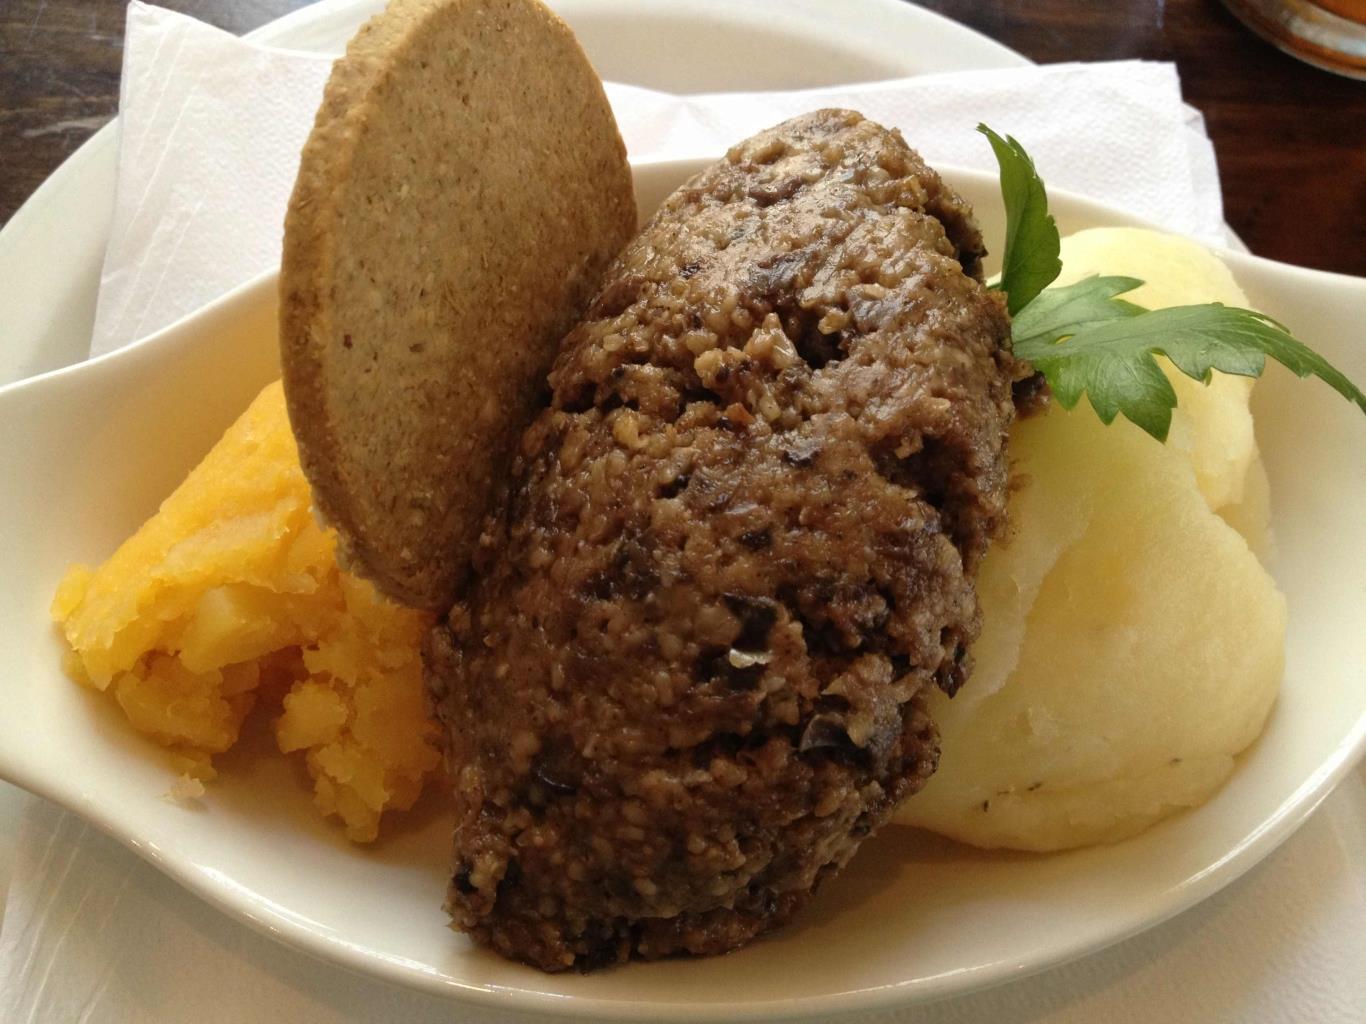 Món ăn truyền thống của người Scotland có vẻ ngoài không bắt mắt nhưng có vị khá ngon. Nội tạng cừu được trộn với hành, mỡ cừu, yến mạch, nước ninh xương và gia vị, nhồi vào dạ dày cừu sau đó hấp chín.